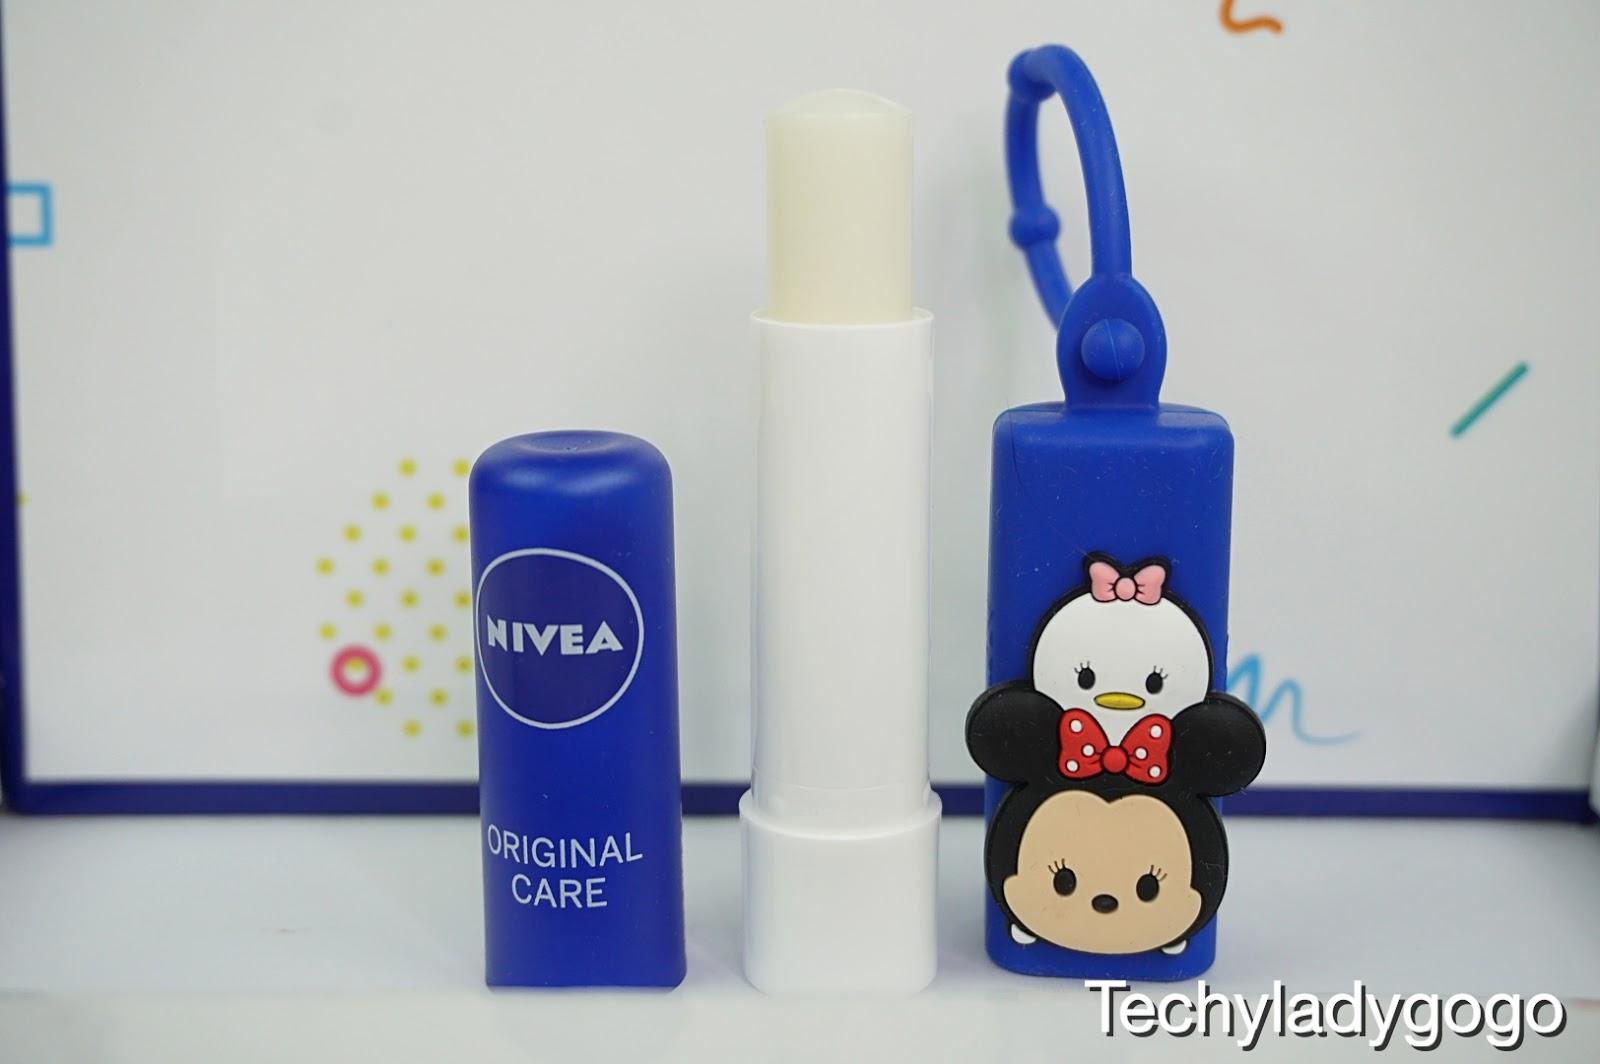 NIVEA Original Care ในดีไซน์ Minnie Mouse สุดน่ารักที่ช่วยปกป้องริมฝีปากจากการแห้งเสีย มอบความชุ่มชื้นยาวนาน 12 ชั่วโมง พร้อมมอยส์เจอร์ไรซ์เซอร์เข้มข้น